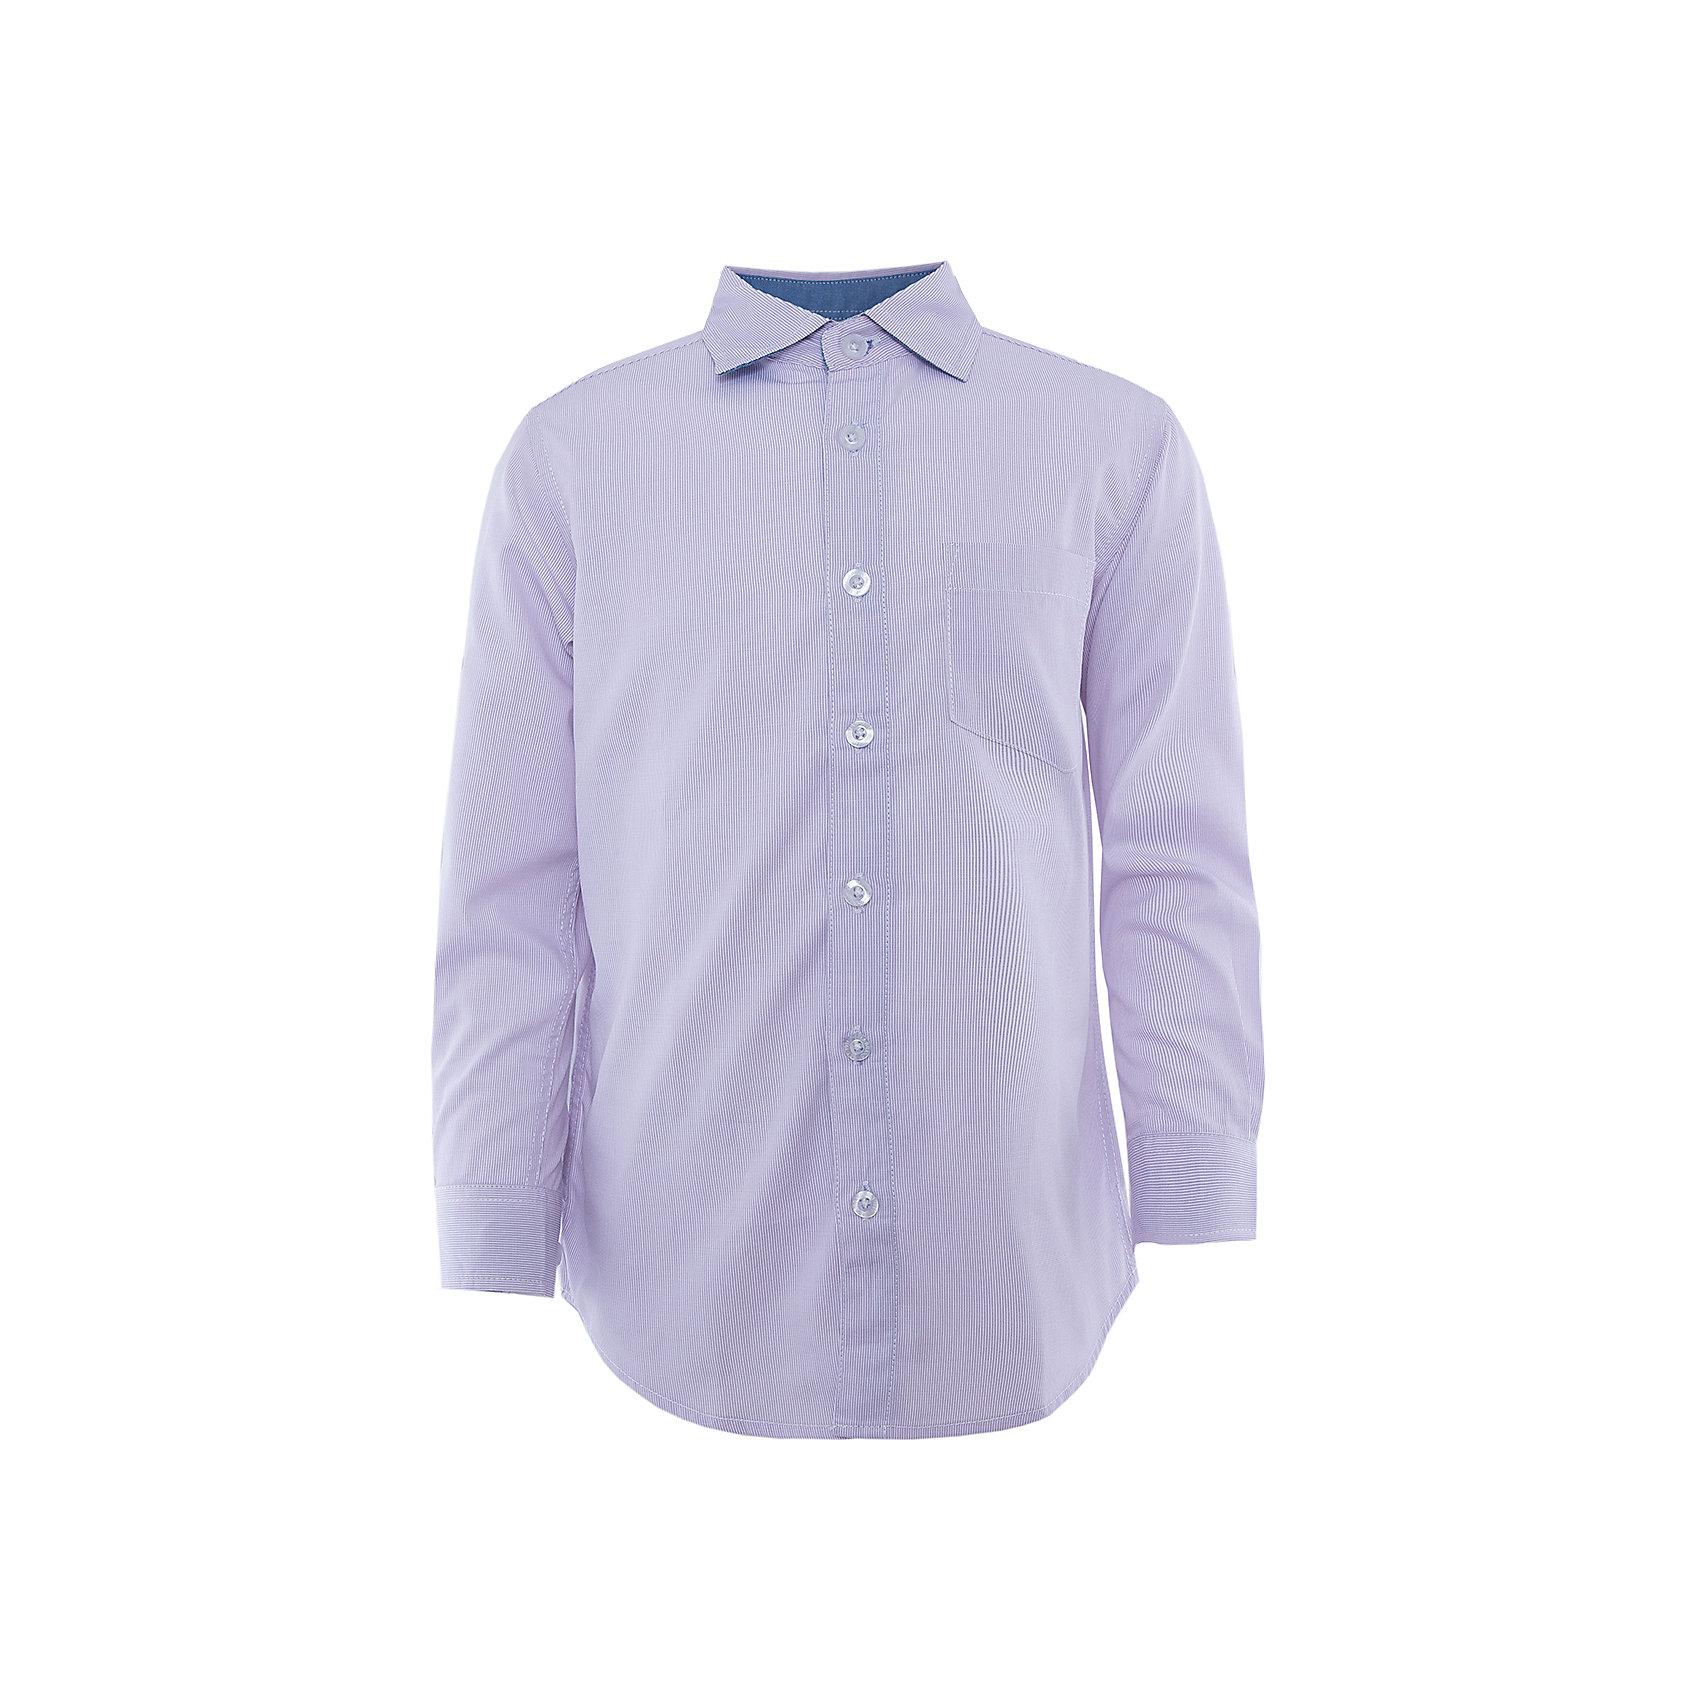 Рубашка для мальчика SELAДетская одежда от SELA - это качество и отличные цены. Рубашка для мальчика из новой коллекции – прекрасно подойдет для обновления гардероба к новому учебному году. Строгость и стиль – главные достоинства модели.<br>На рукавах у рубашки есть модные декоративные элементы синего цвета, привлекающие внимание. Модель не имеет рисунка, но едва заметный орнамент делает изделие оригинальным. Нежный цвет позволит комбинировать рубашку с любимыми вещами. Все материалы, использованные в создании изделия,  отвечают современным требованиям по качеству и безопасности продукции. <br><br>Дополнительная информация:<br><br>цвет: лаванда;<br>состав: 65% хлопок, 35% ПЭ;<br>рукав длинный;<br>силуэт прямой.<br><br>Рубашку для мальчика от компании SELA можно купить в нашем магазине.<br><br>Ширина мм: 174<br>Глубина мм: 10<br>Высота мм: 169<br>Вес г: 157<br>Цвет: голубой<br>Возраст от месяцев: 132<br>Возраст до месяцев: 144<br>Пол: Мужской<br>Возраст: Детский<br>Размер: 152,134,170,164,140,158,116,146,122,128<br>SKU: 4913046